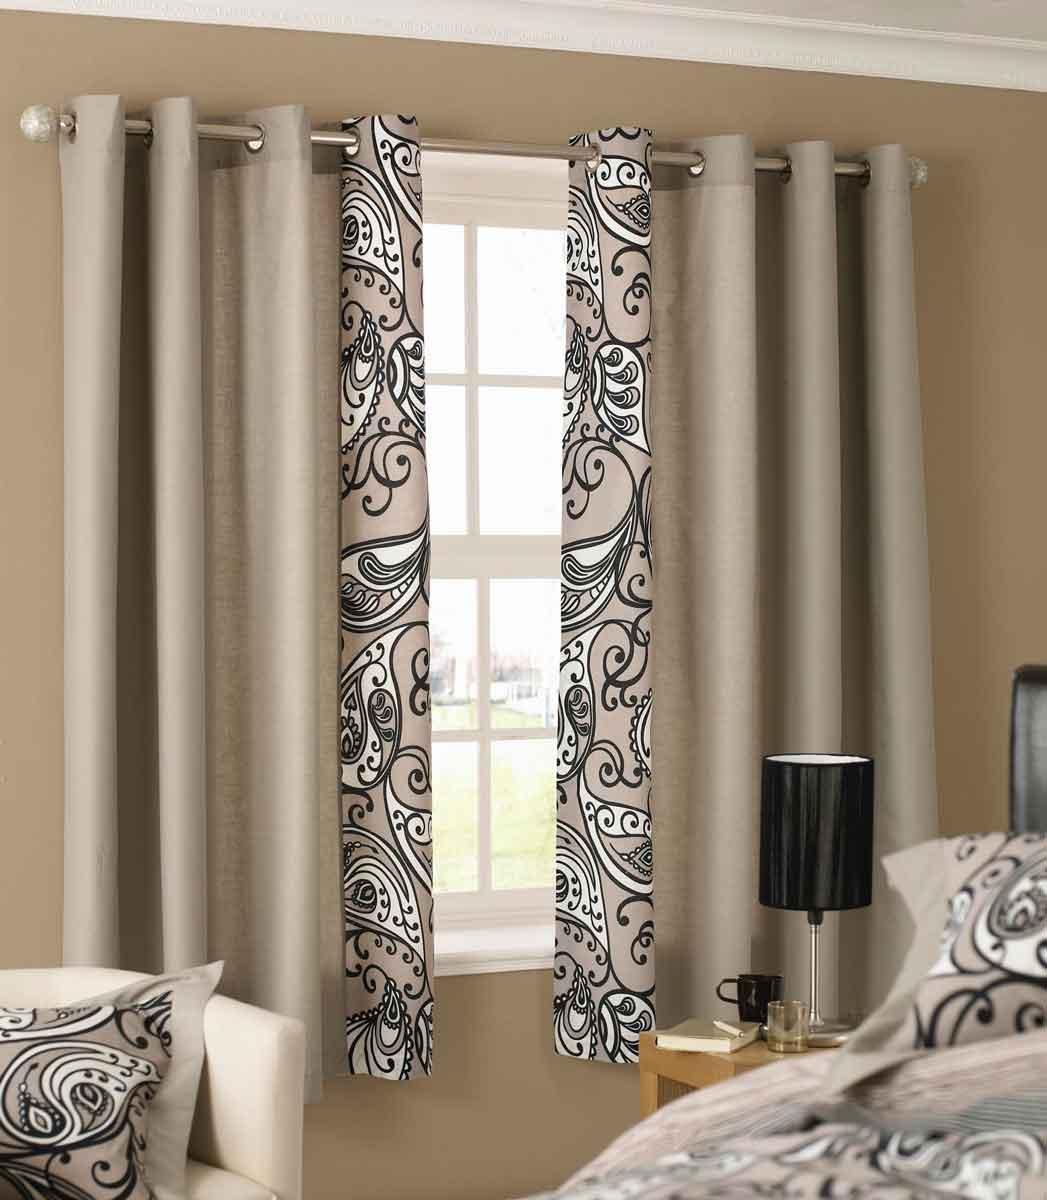 Cortinas cortas free cortinas with cortinas cortas for Cortinas cortas salon